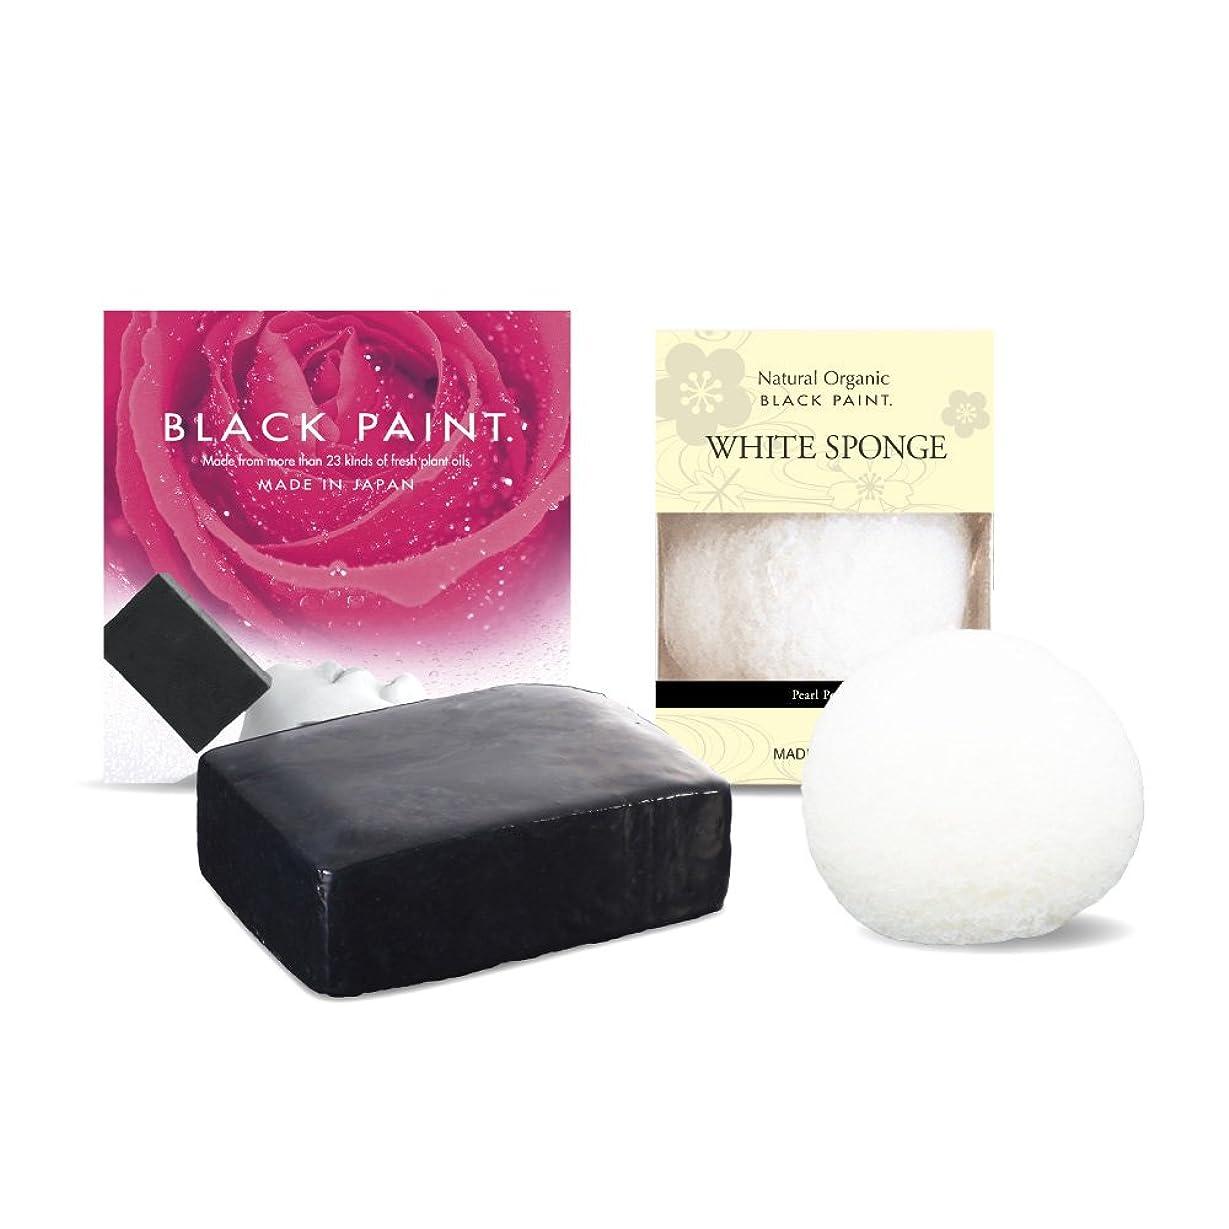 水分小切手流行ブラックペイント 60g&ホワイトスポンジ 塗る石鹸 洗顔セット 無添加 国産